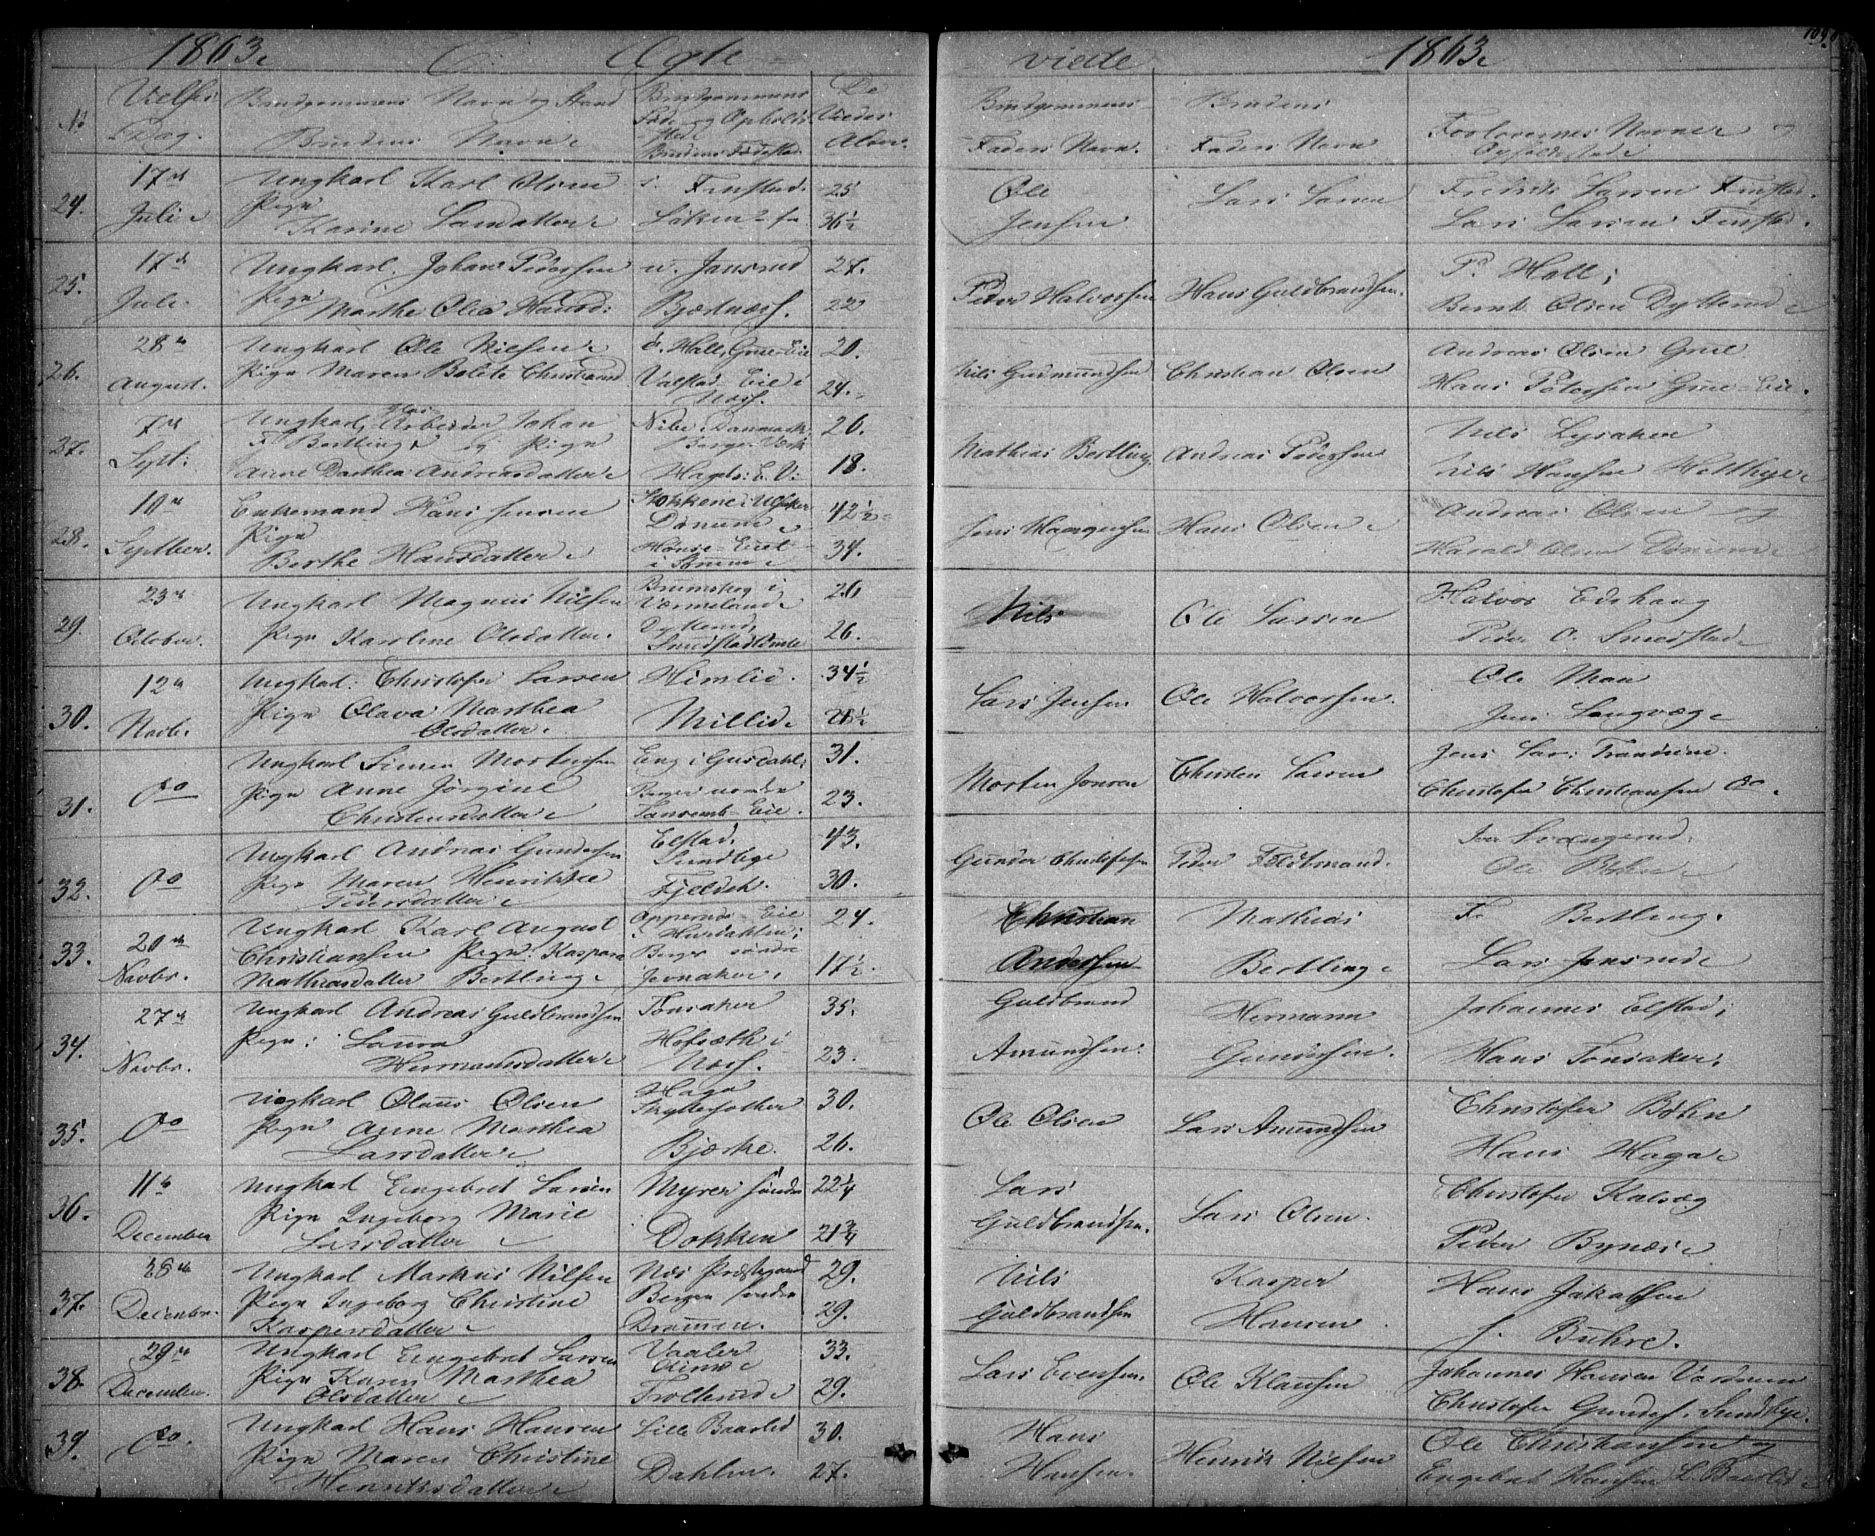 SAO, Eidsvoll prestekontor Kirkebøker, G/Ga/L0001: Klokkerbok nr. I 1, 1861-1866, s. 109